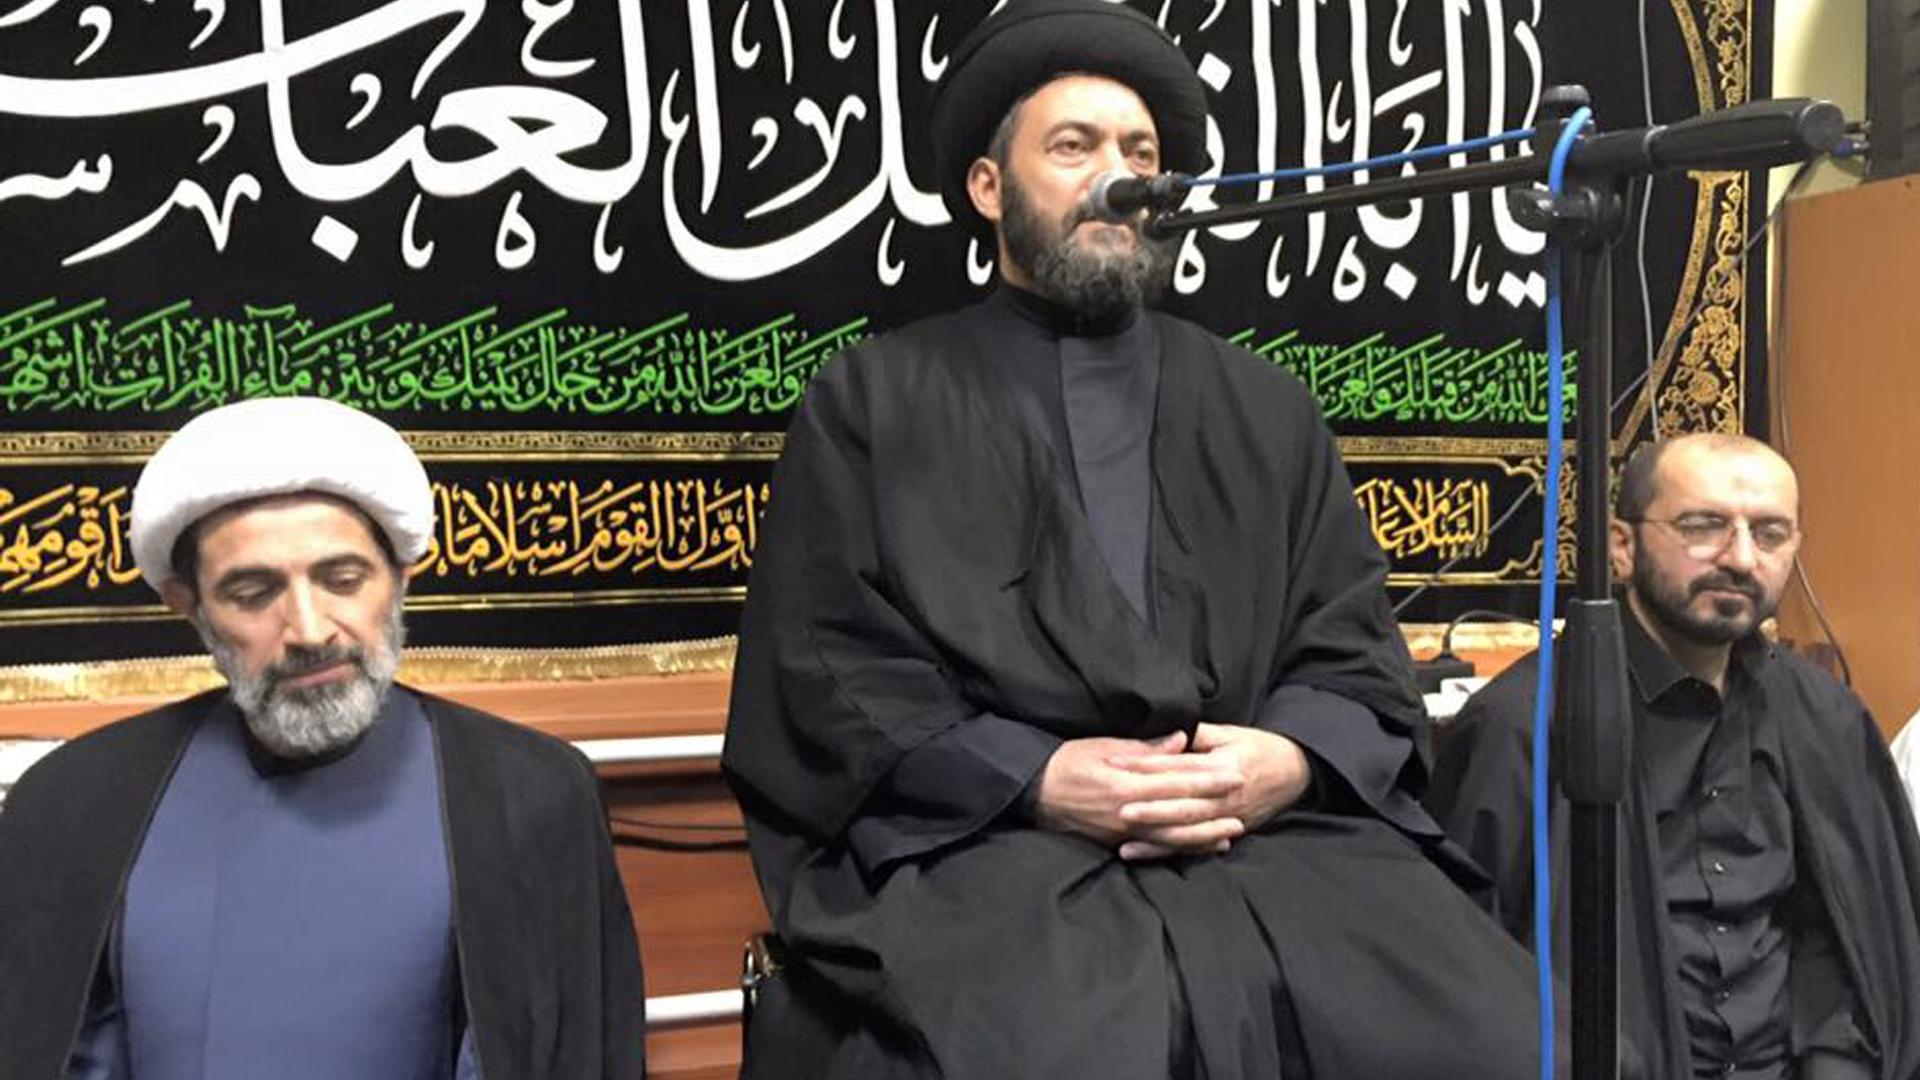 Sahar TV | Траурное собрание мухаррама в г.Москве -2015 г